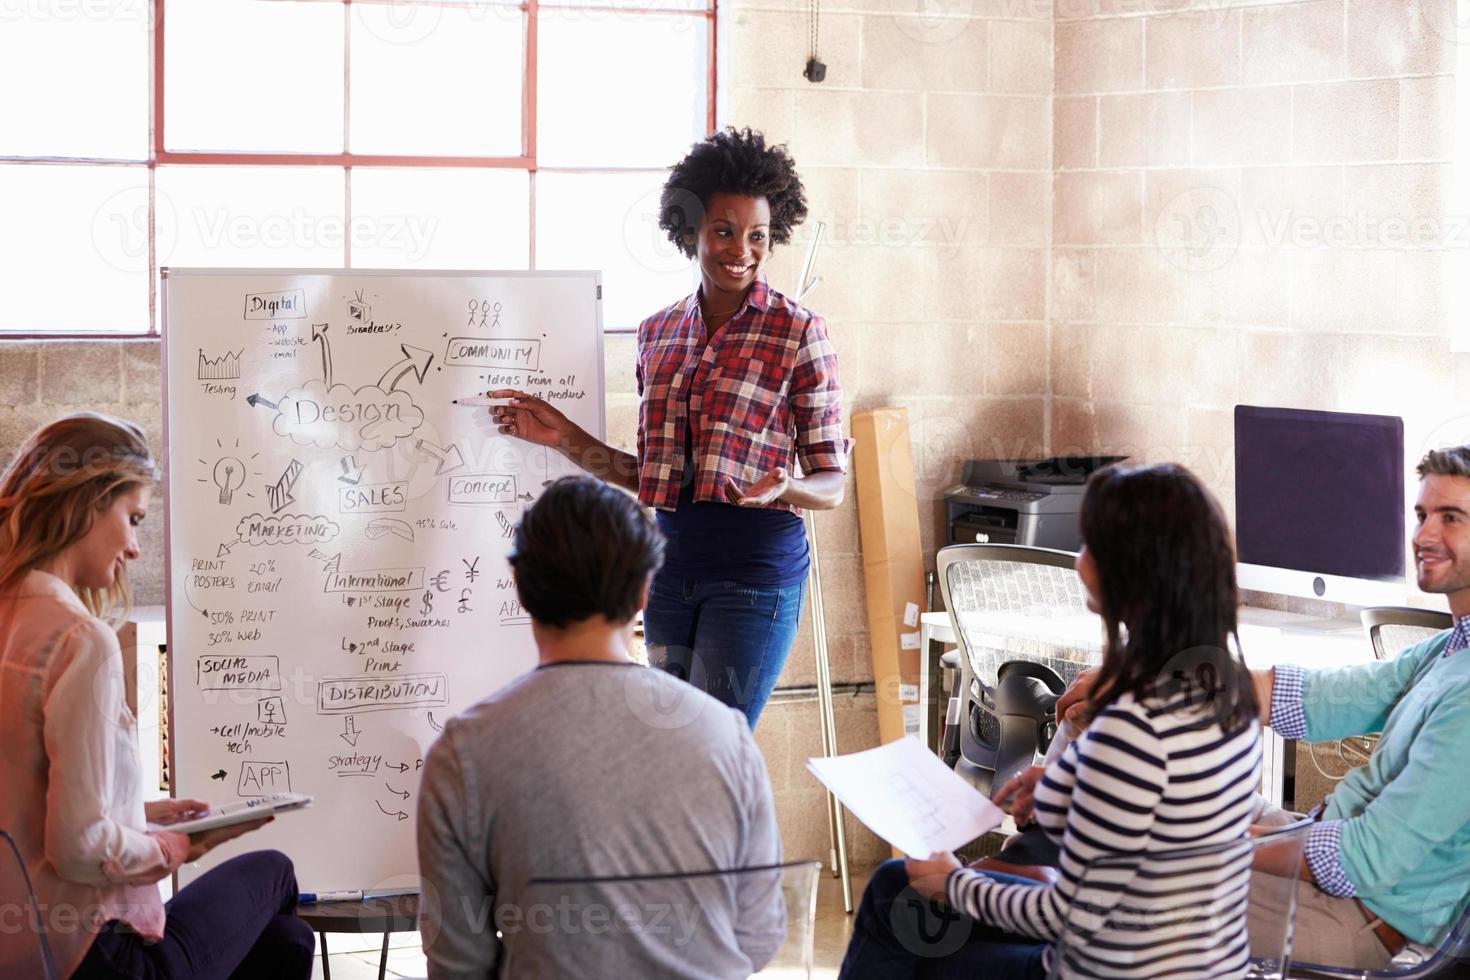 groupe de designers ayant une session de brainstorming au bureau photo